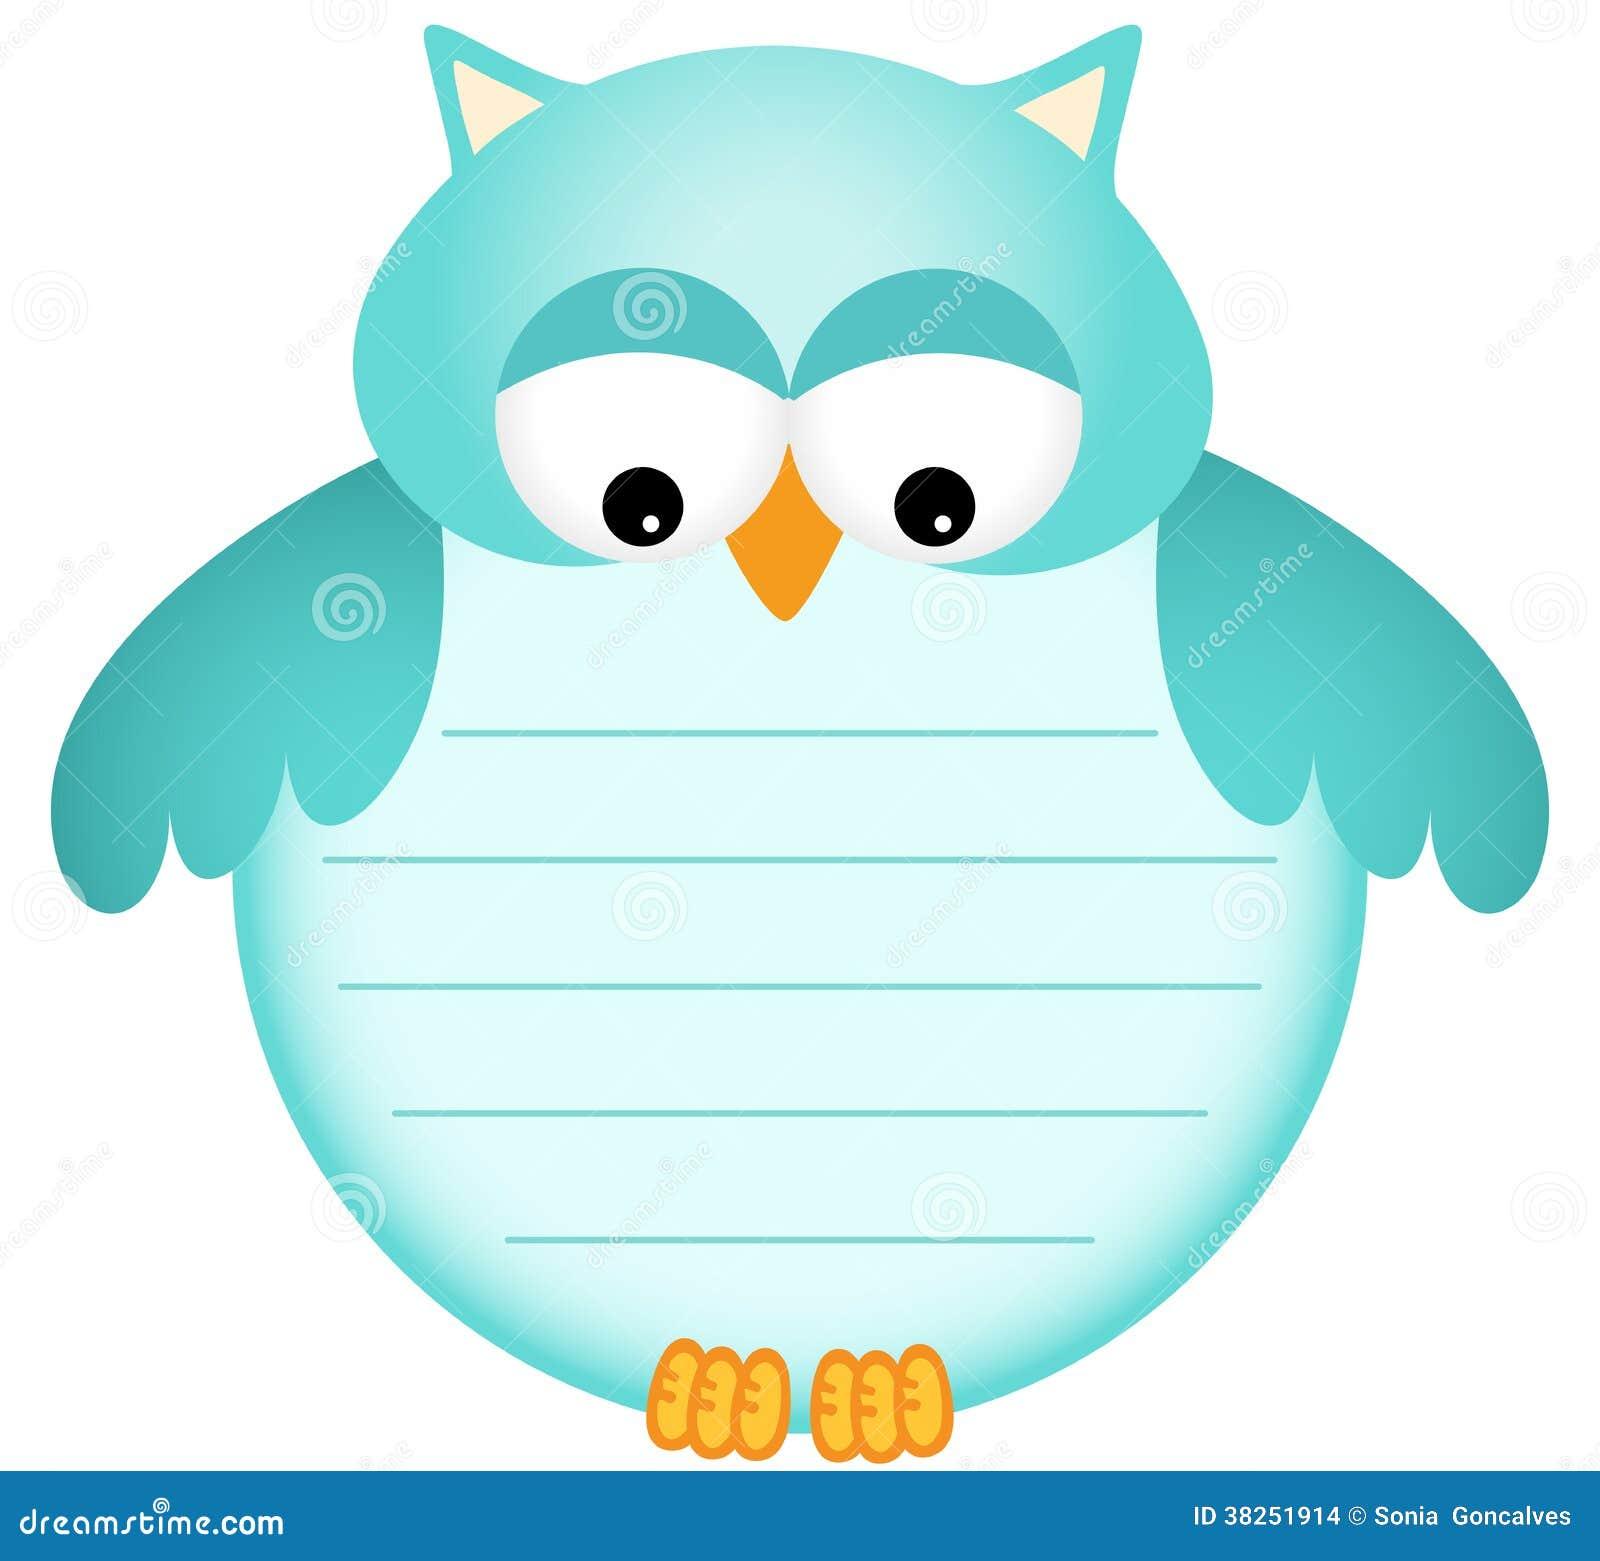 与标签的蓝色婴儿猫头鹰